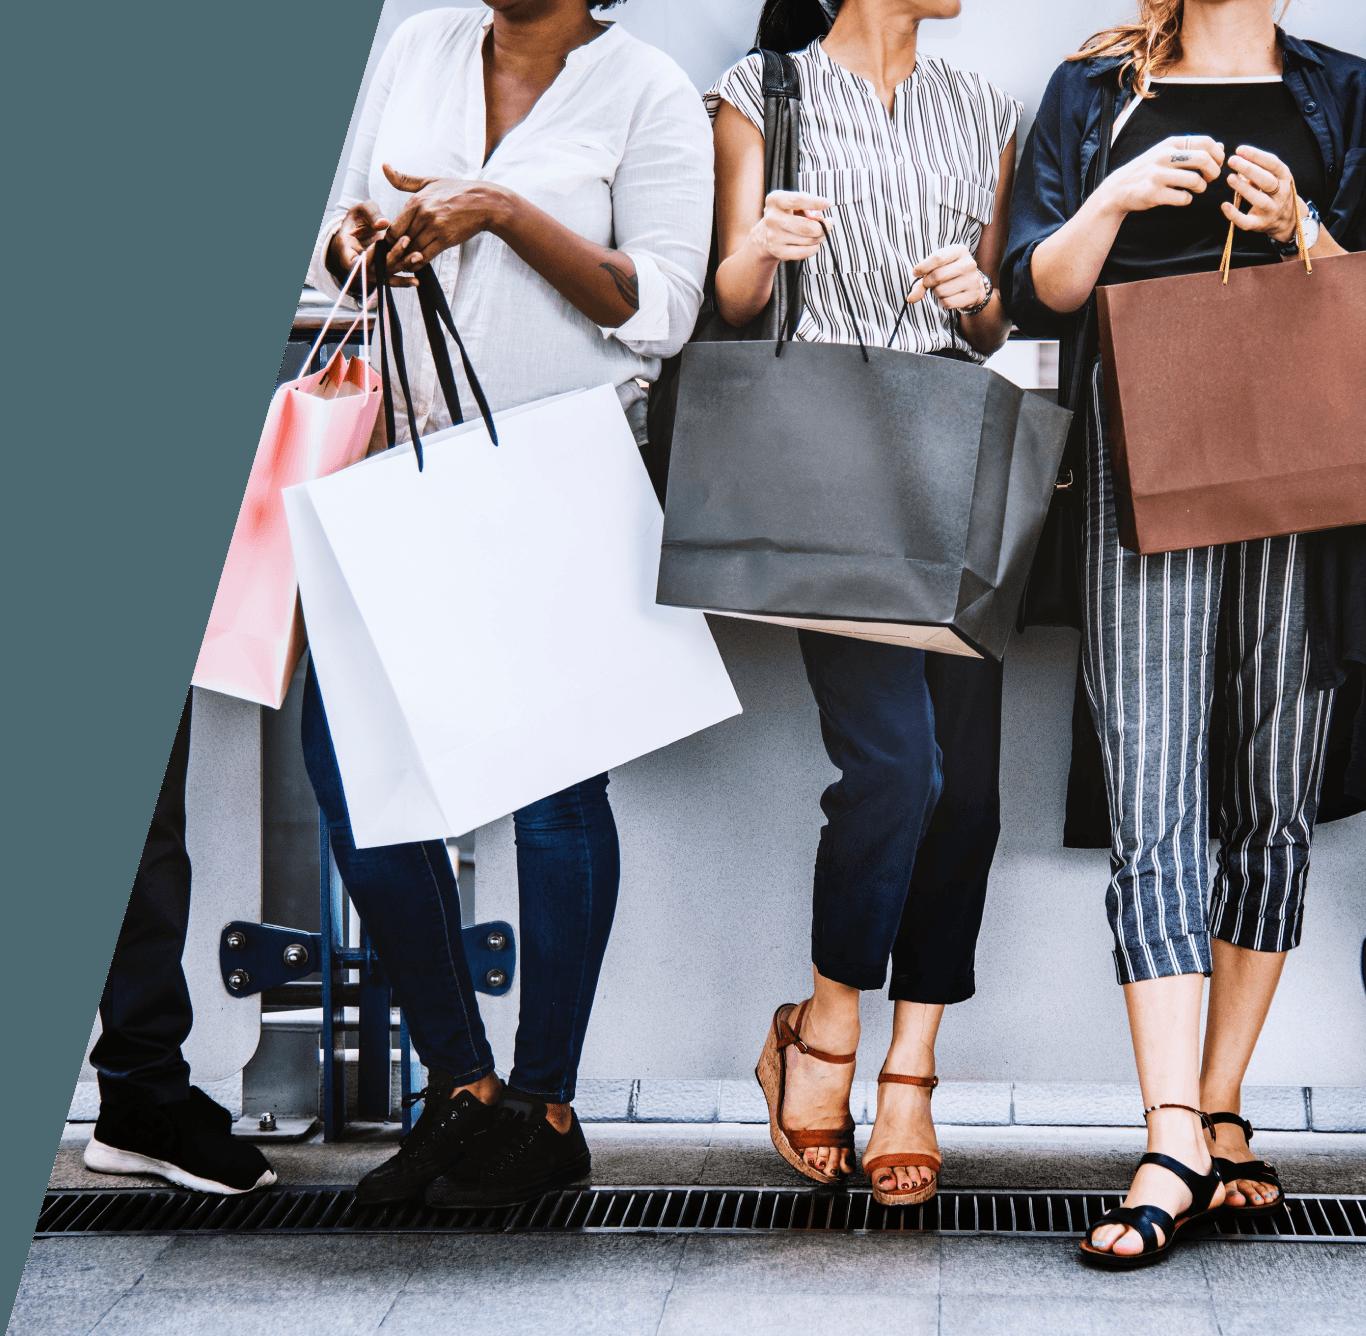 Estudio de mercado del sector retail y moda